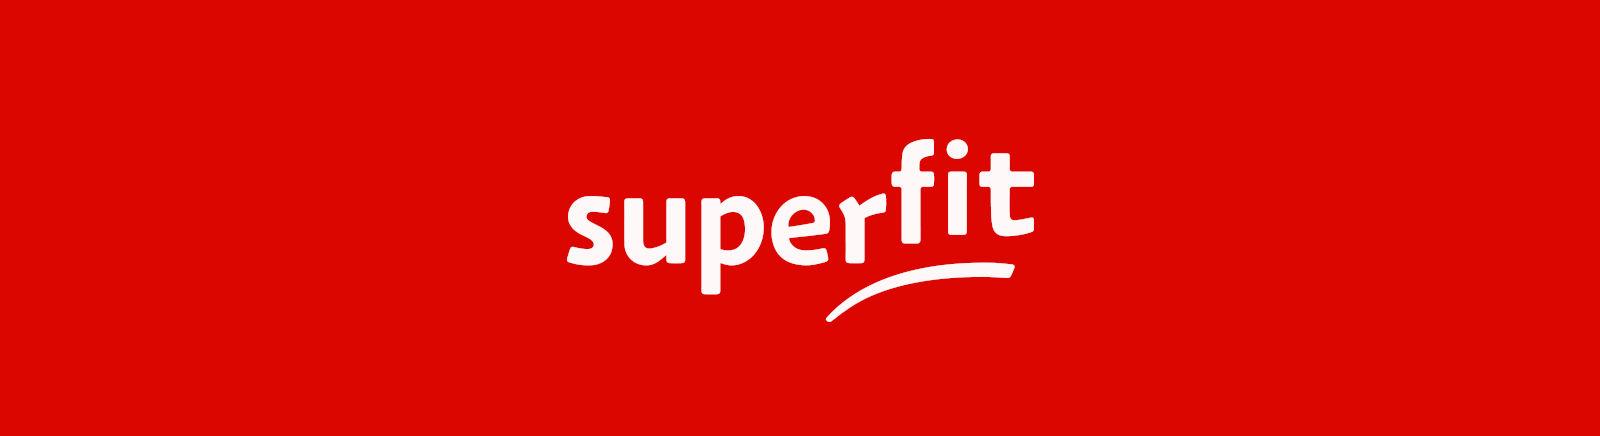 Superfit Kinderschuhe online kaufen im Shop von GISY